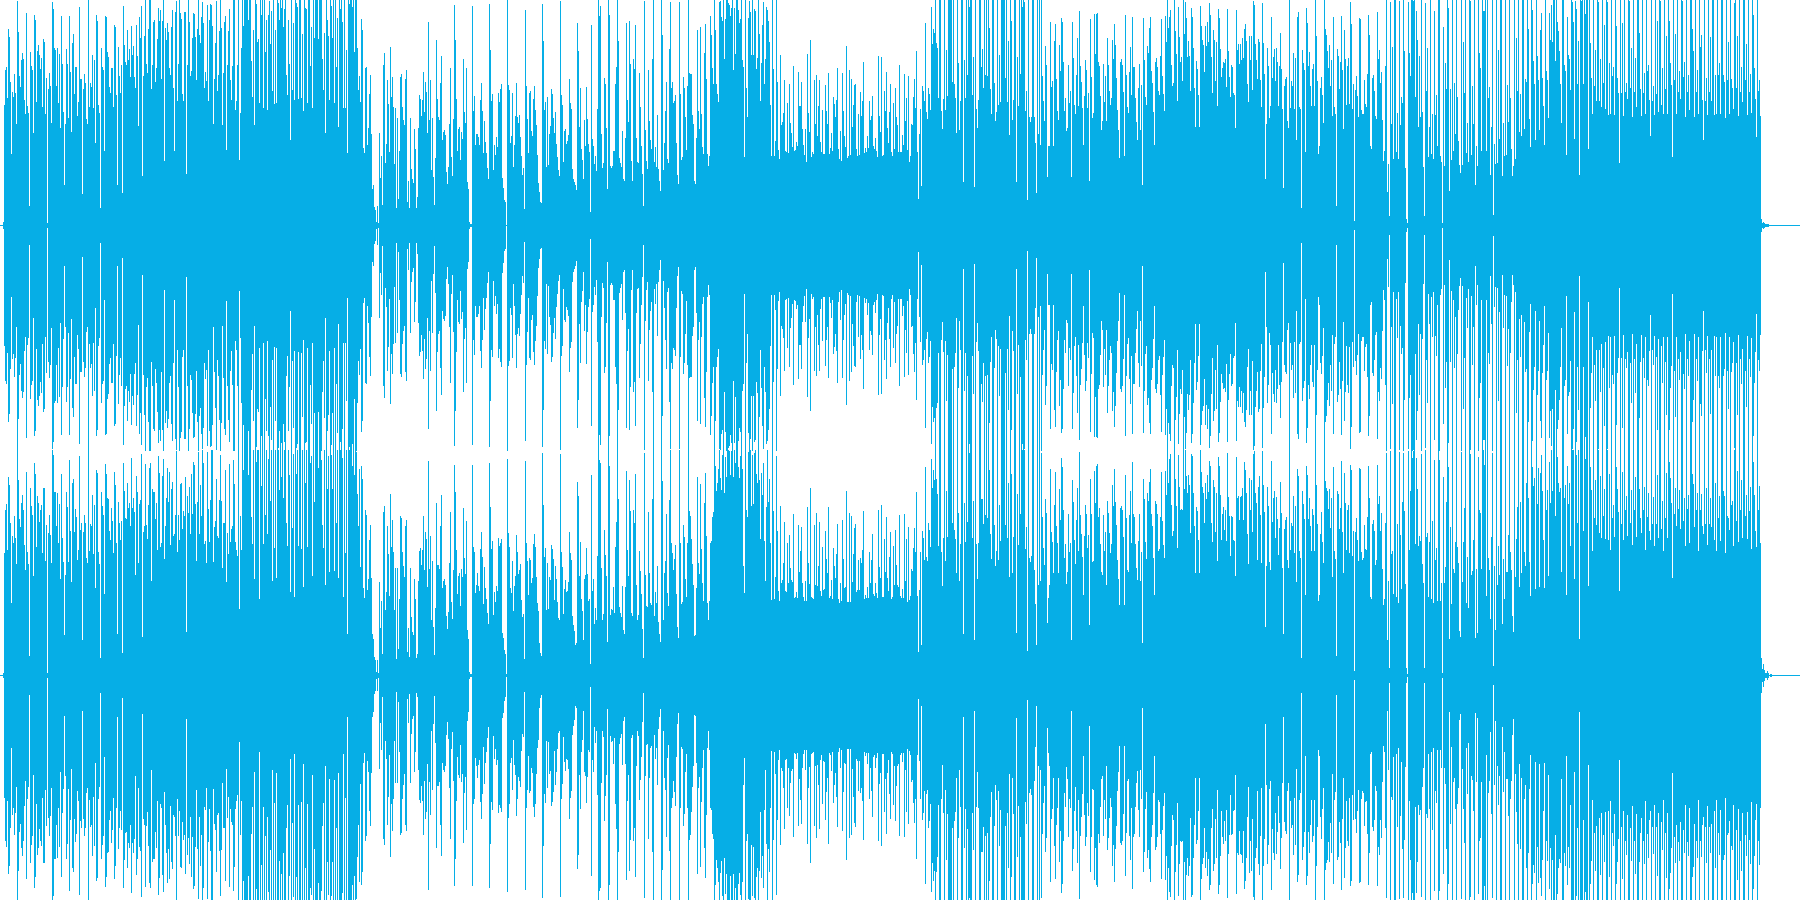 クラブダンス曲ですの再生済みの波形